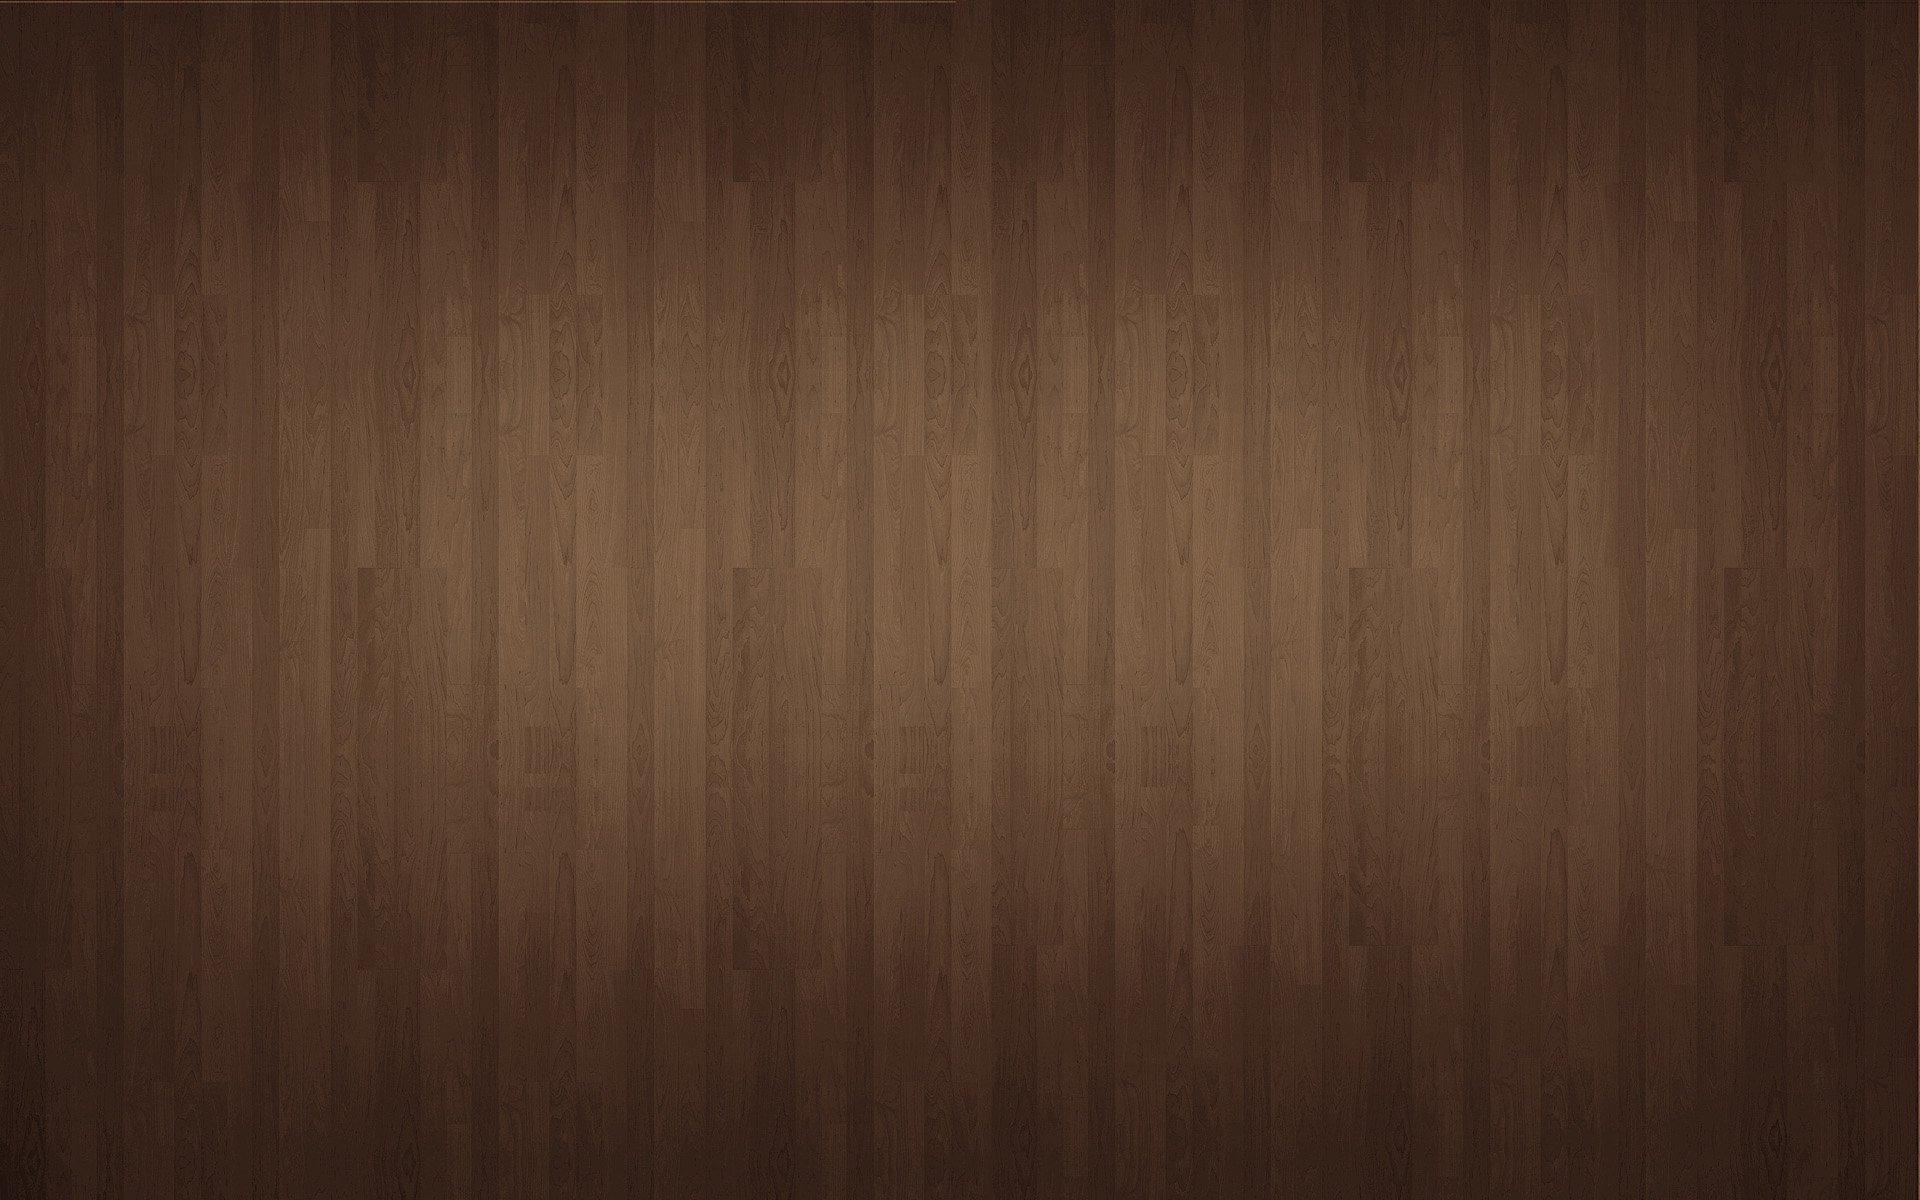 Klicke auf die Grafik für eine größere Ansicht  Name:silk-wood.jpg Hits:70 Größe:299,0 KB ID:86565